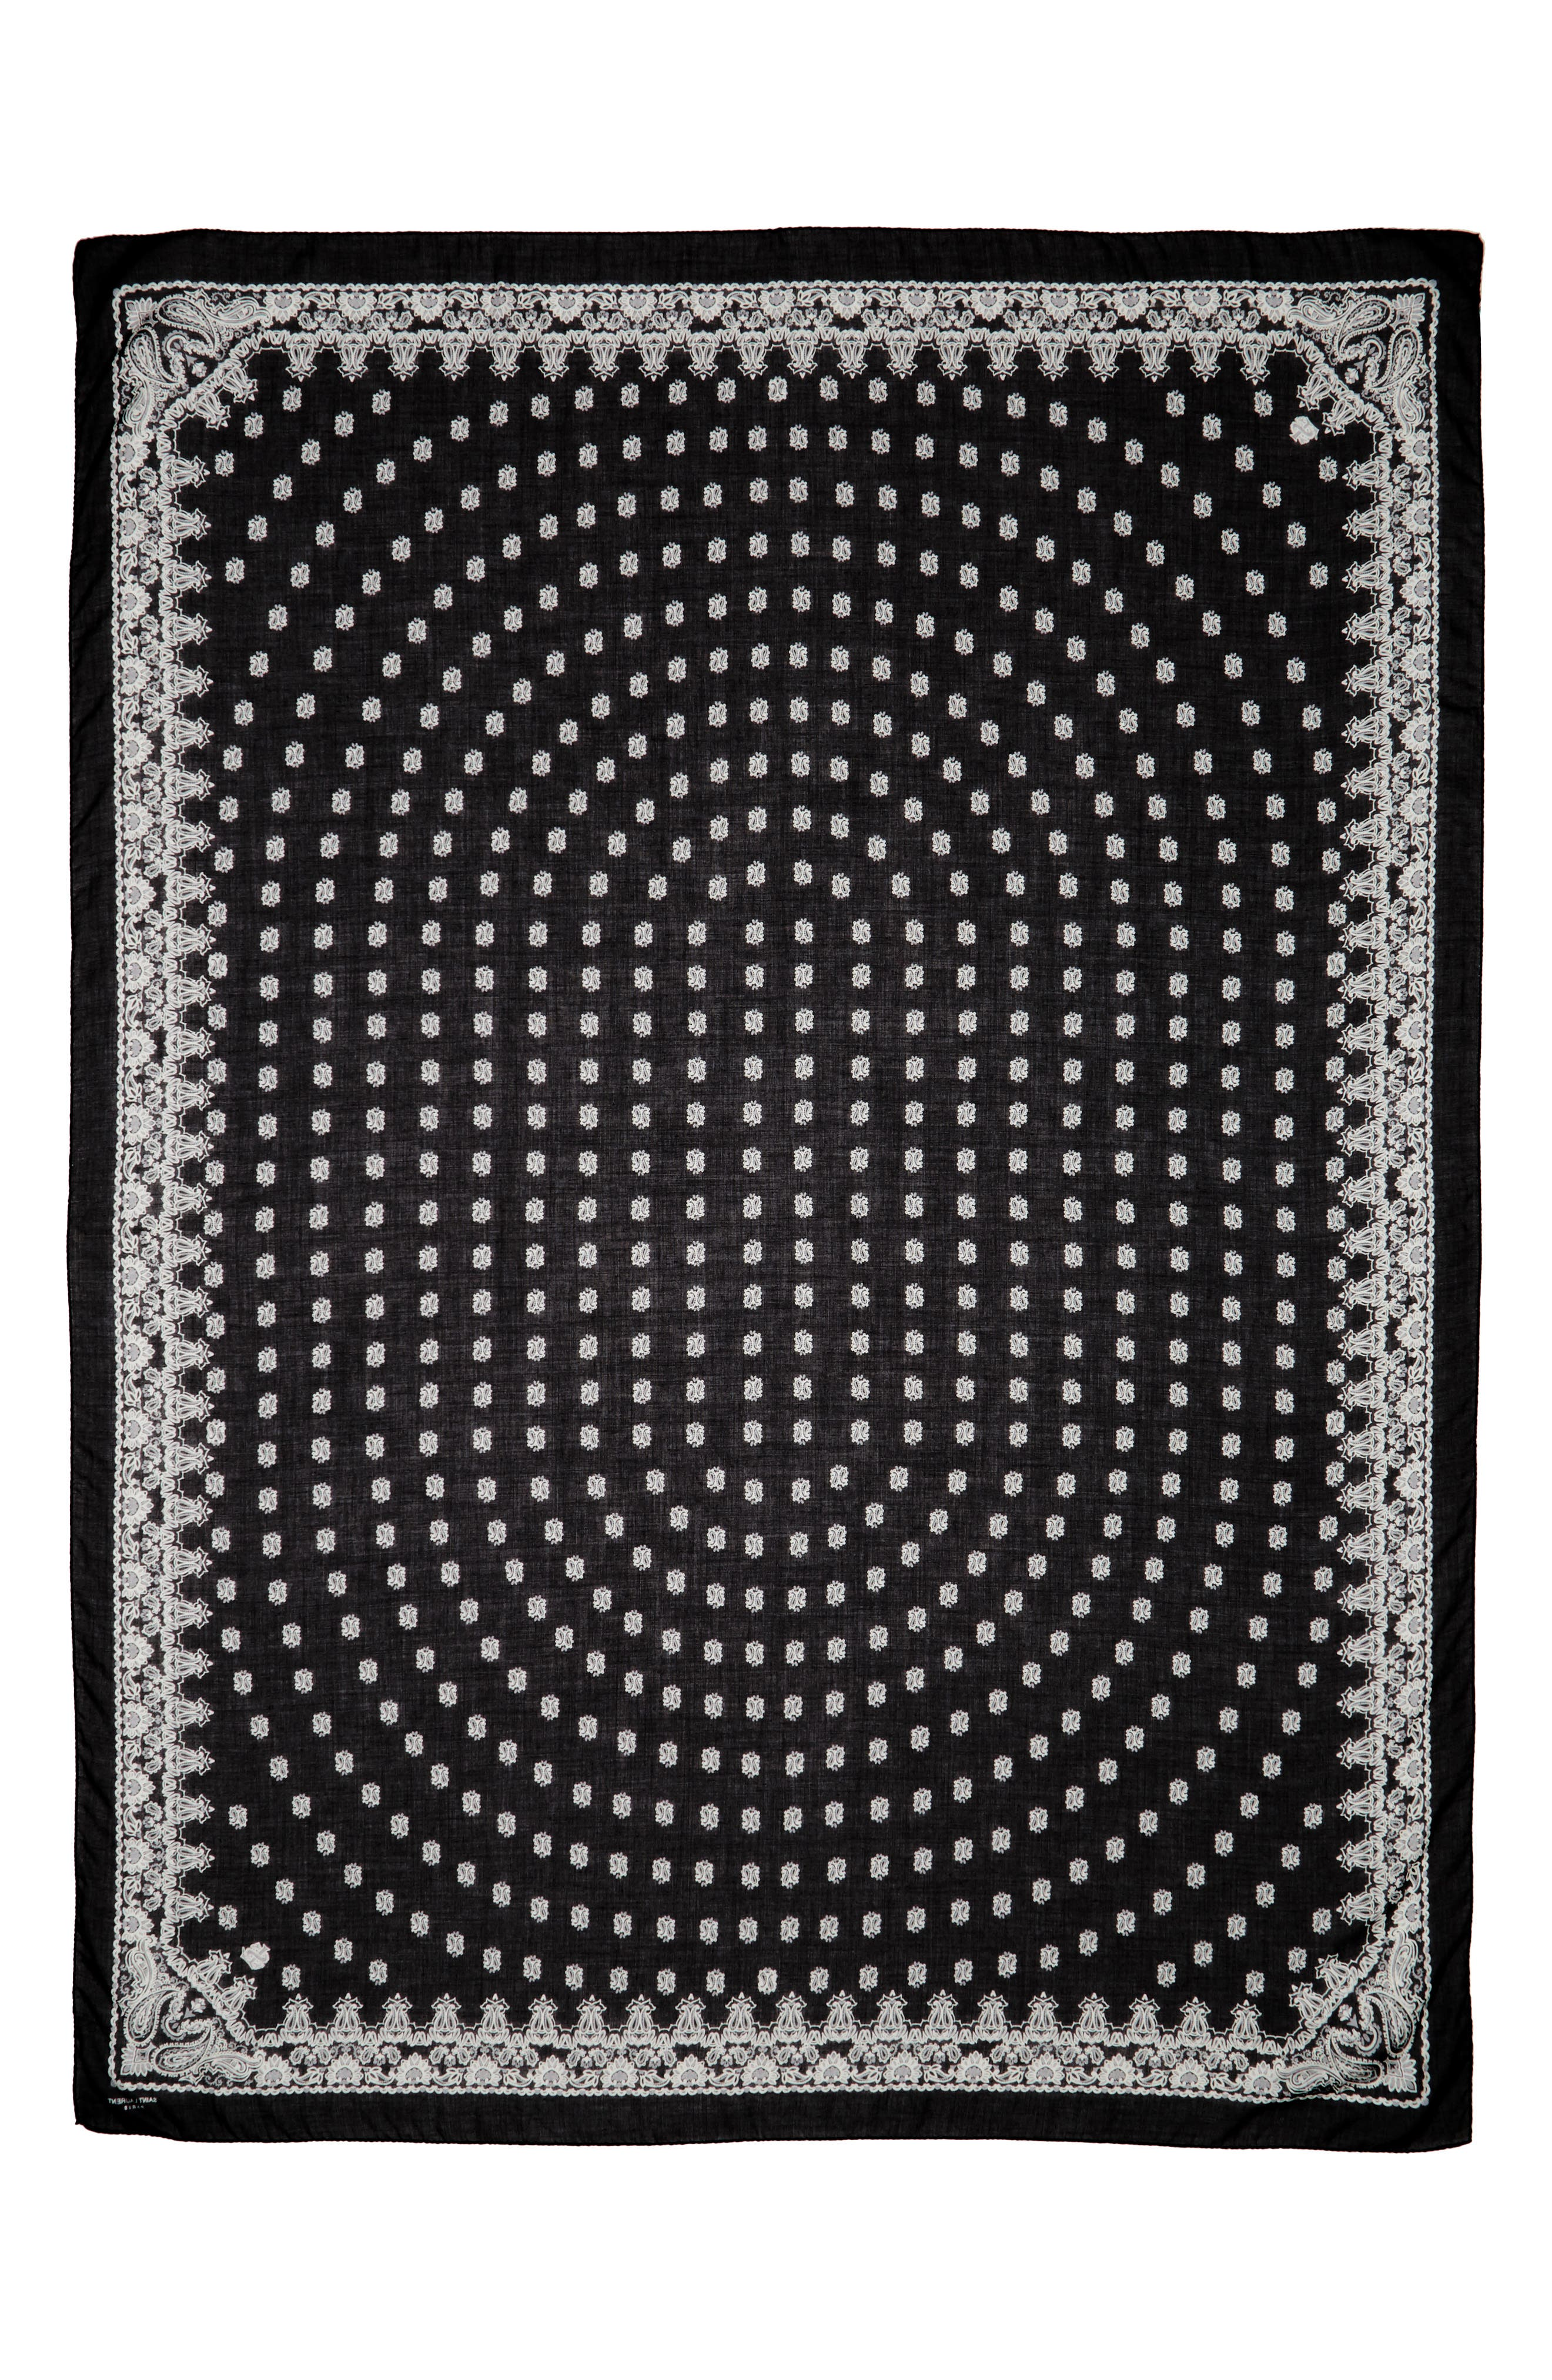 SAINT LAURENT Bandana Print Cashmere & Silk Scarf, Main, color, 001